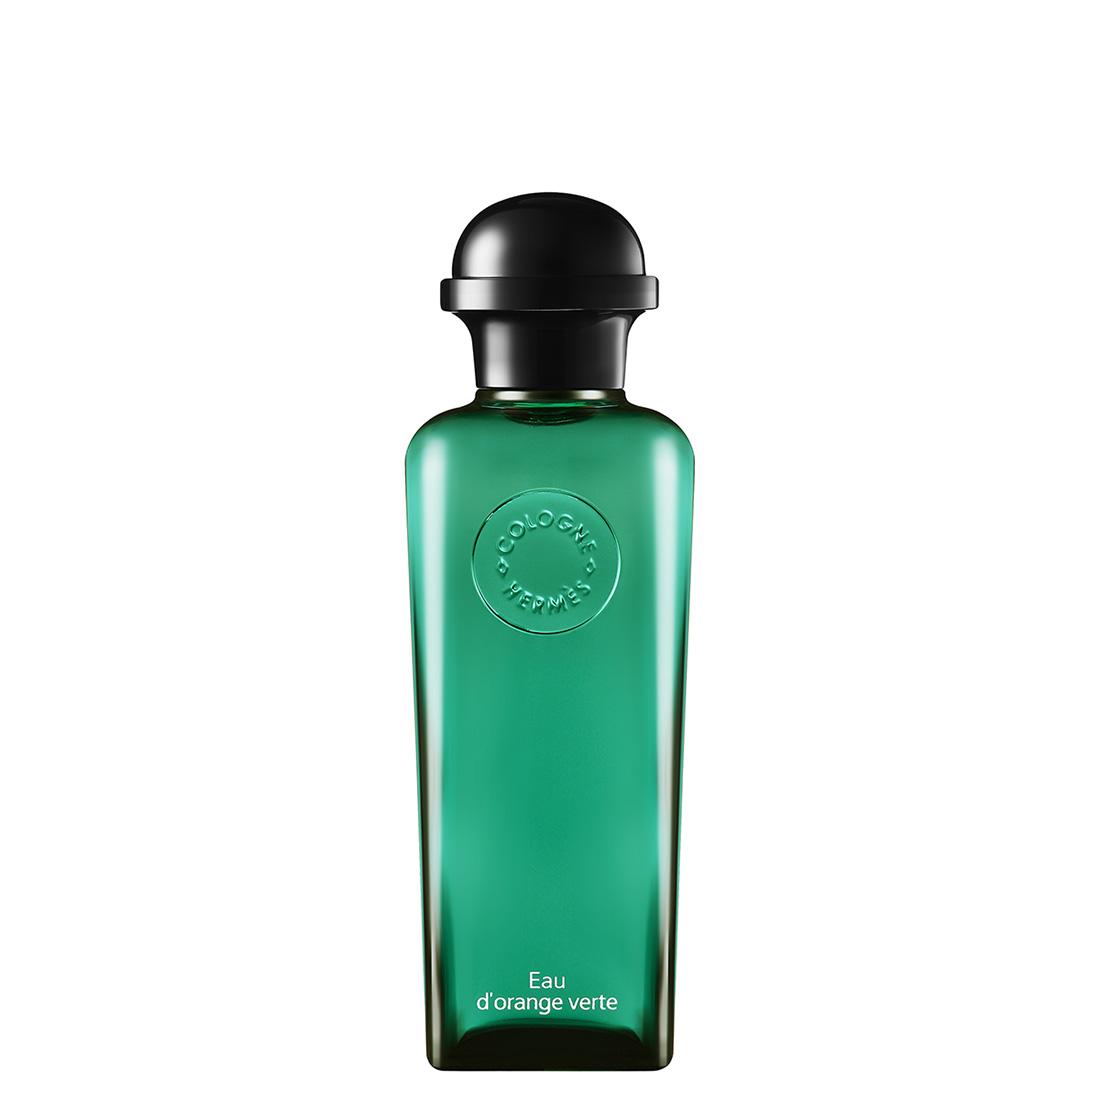 Hermès - Eau d'orange verte - Eau de Cologne